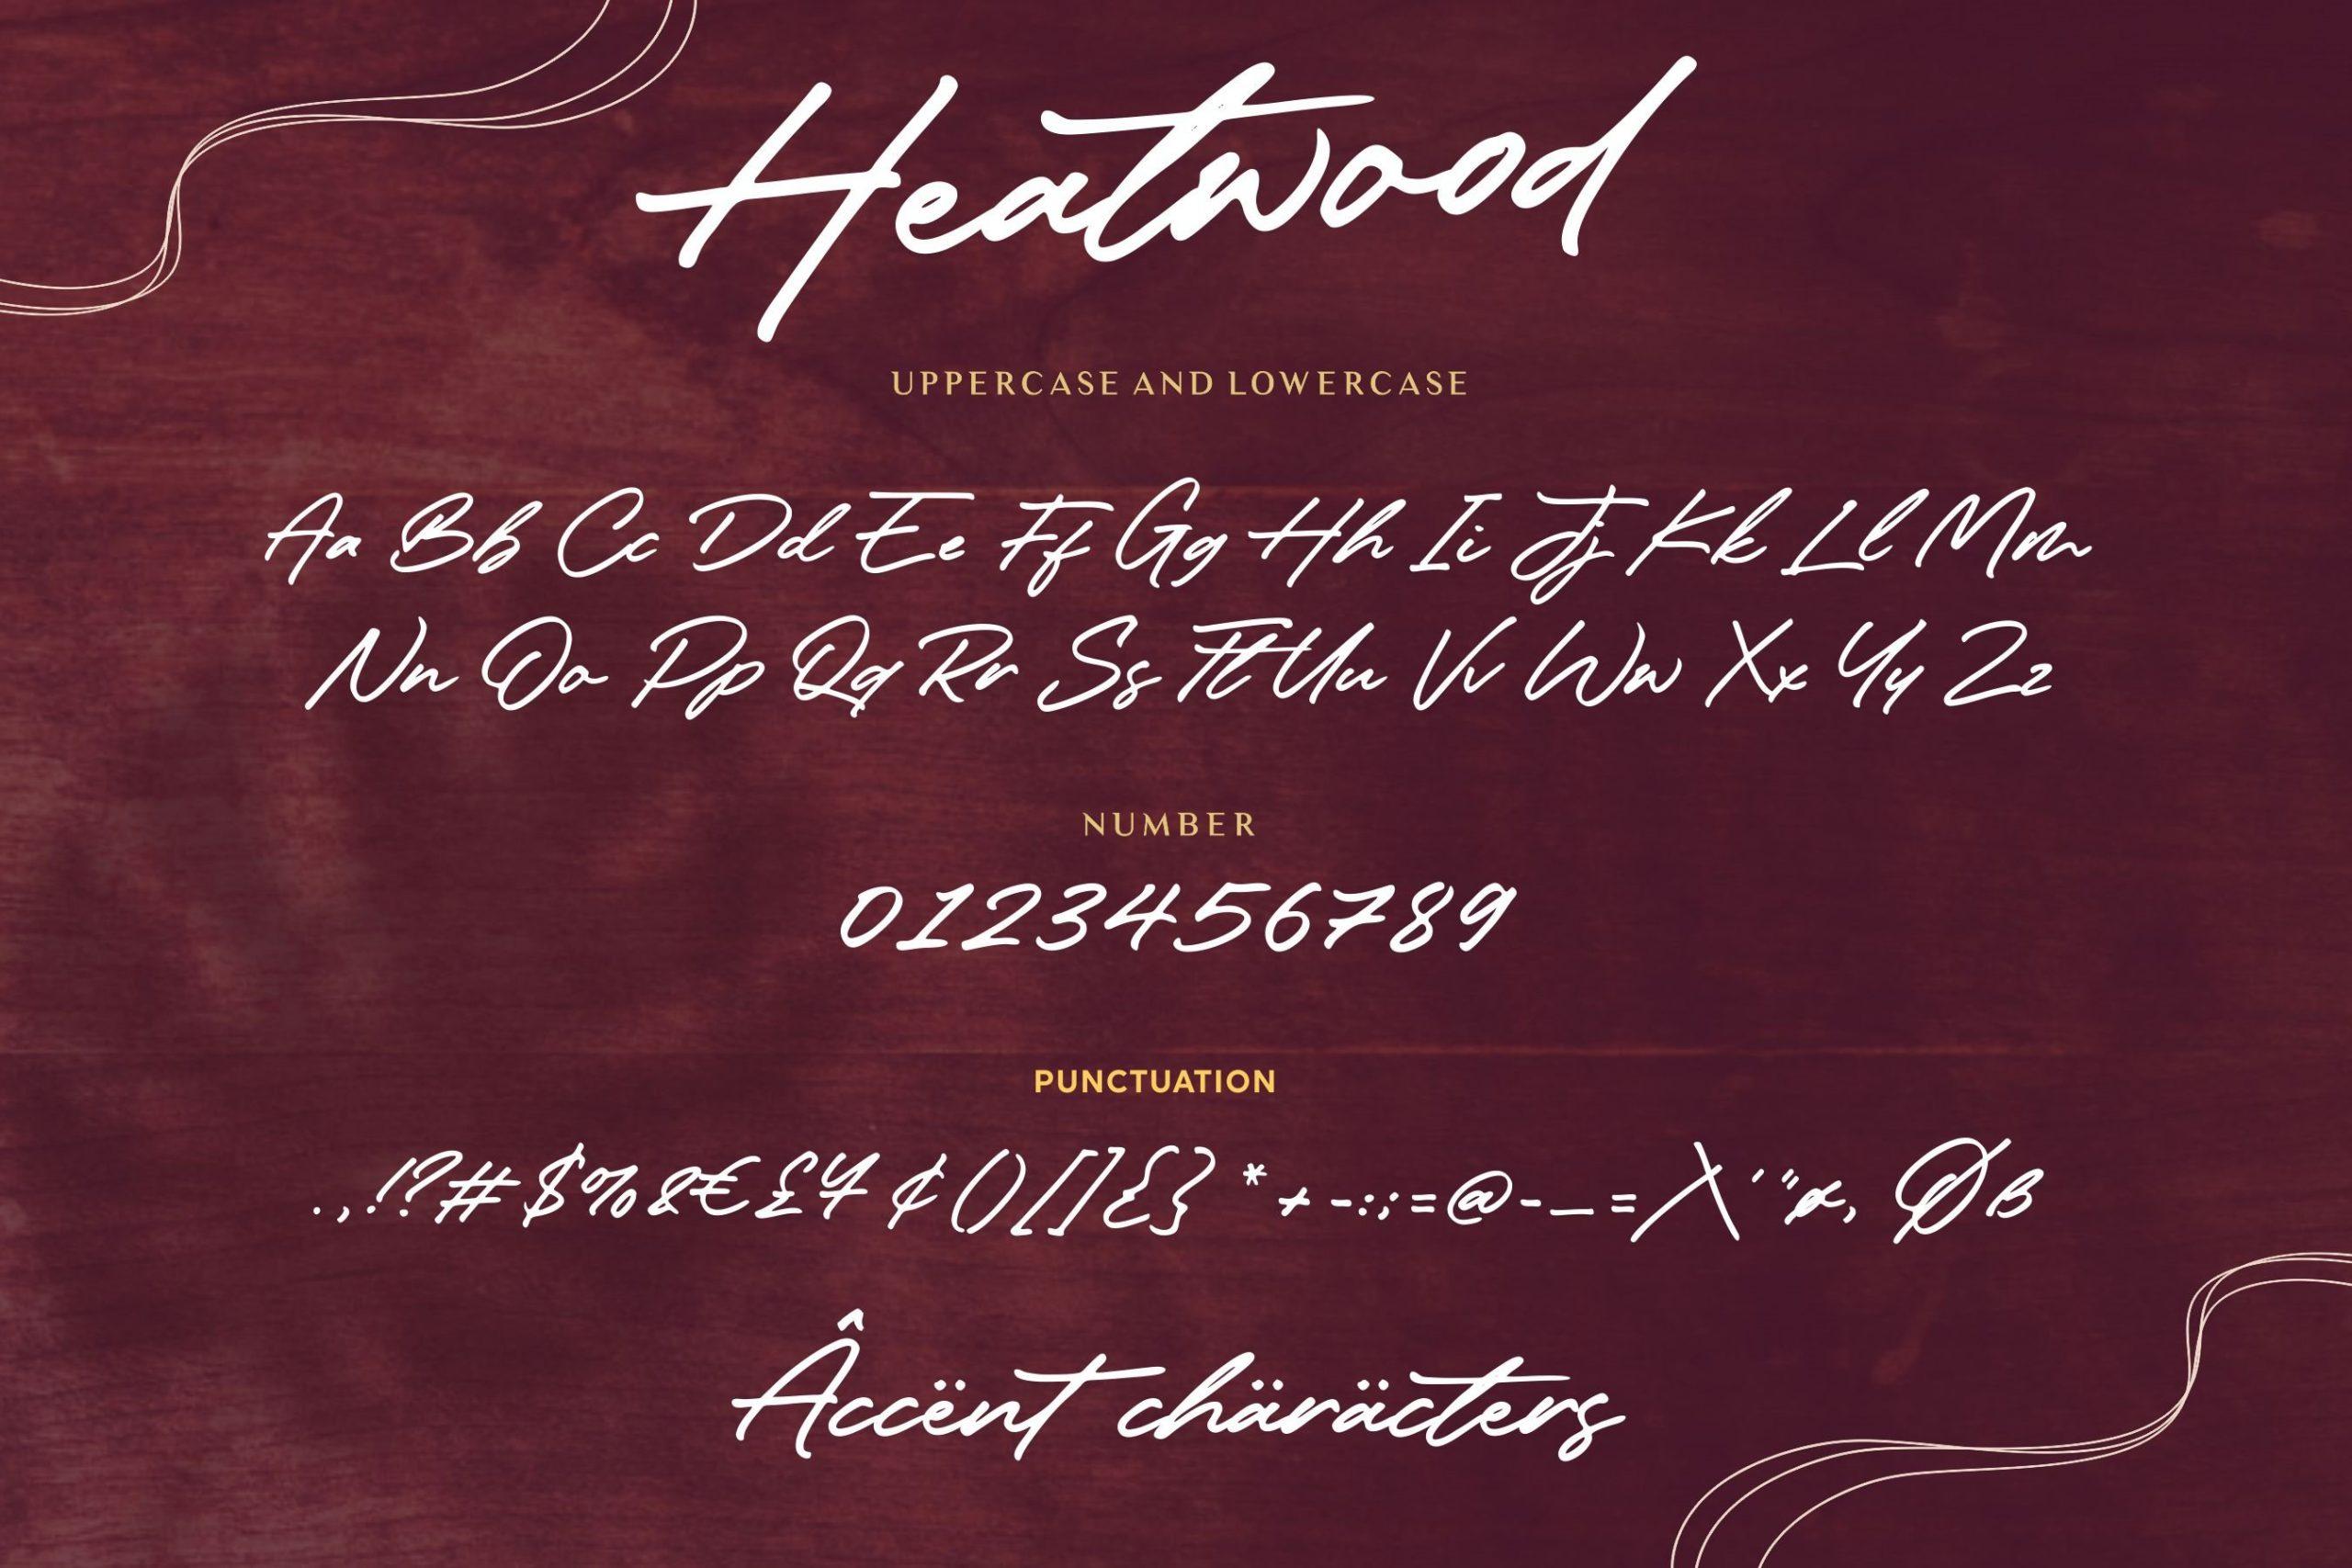 Heatwood6